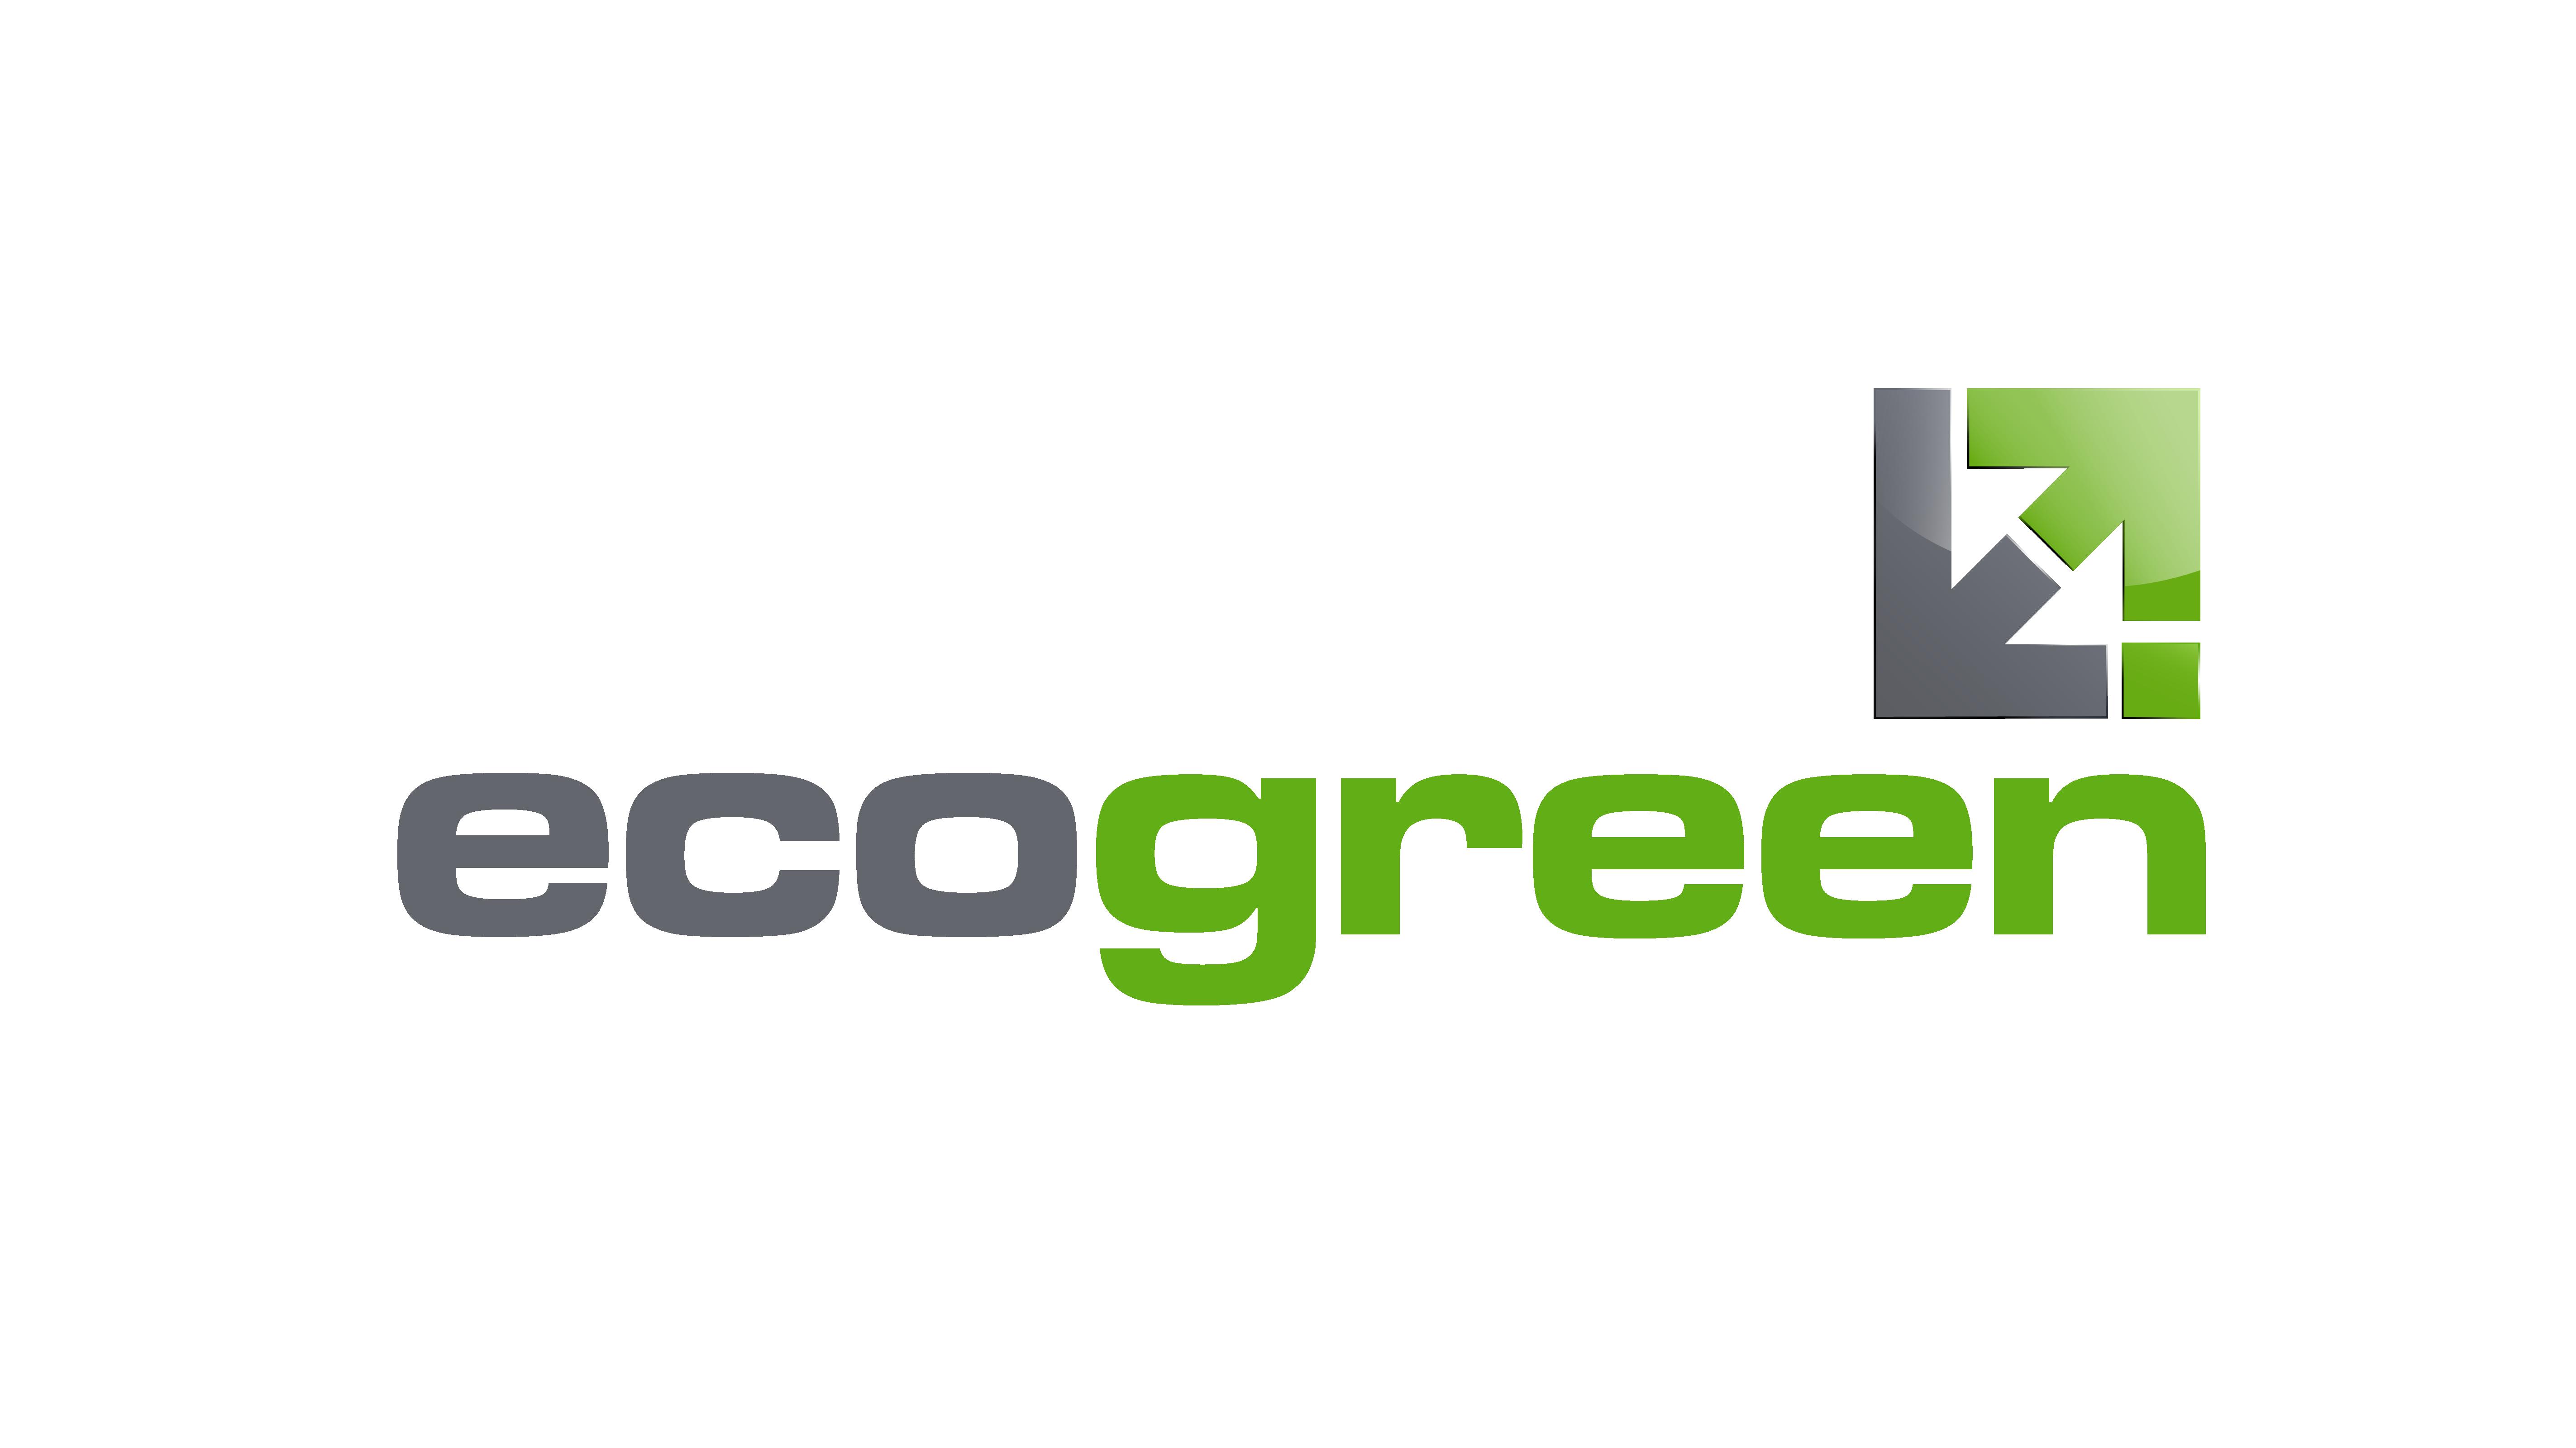 logo-ecogreen_Farblogo